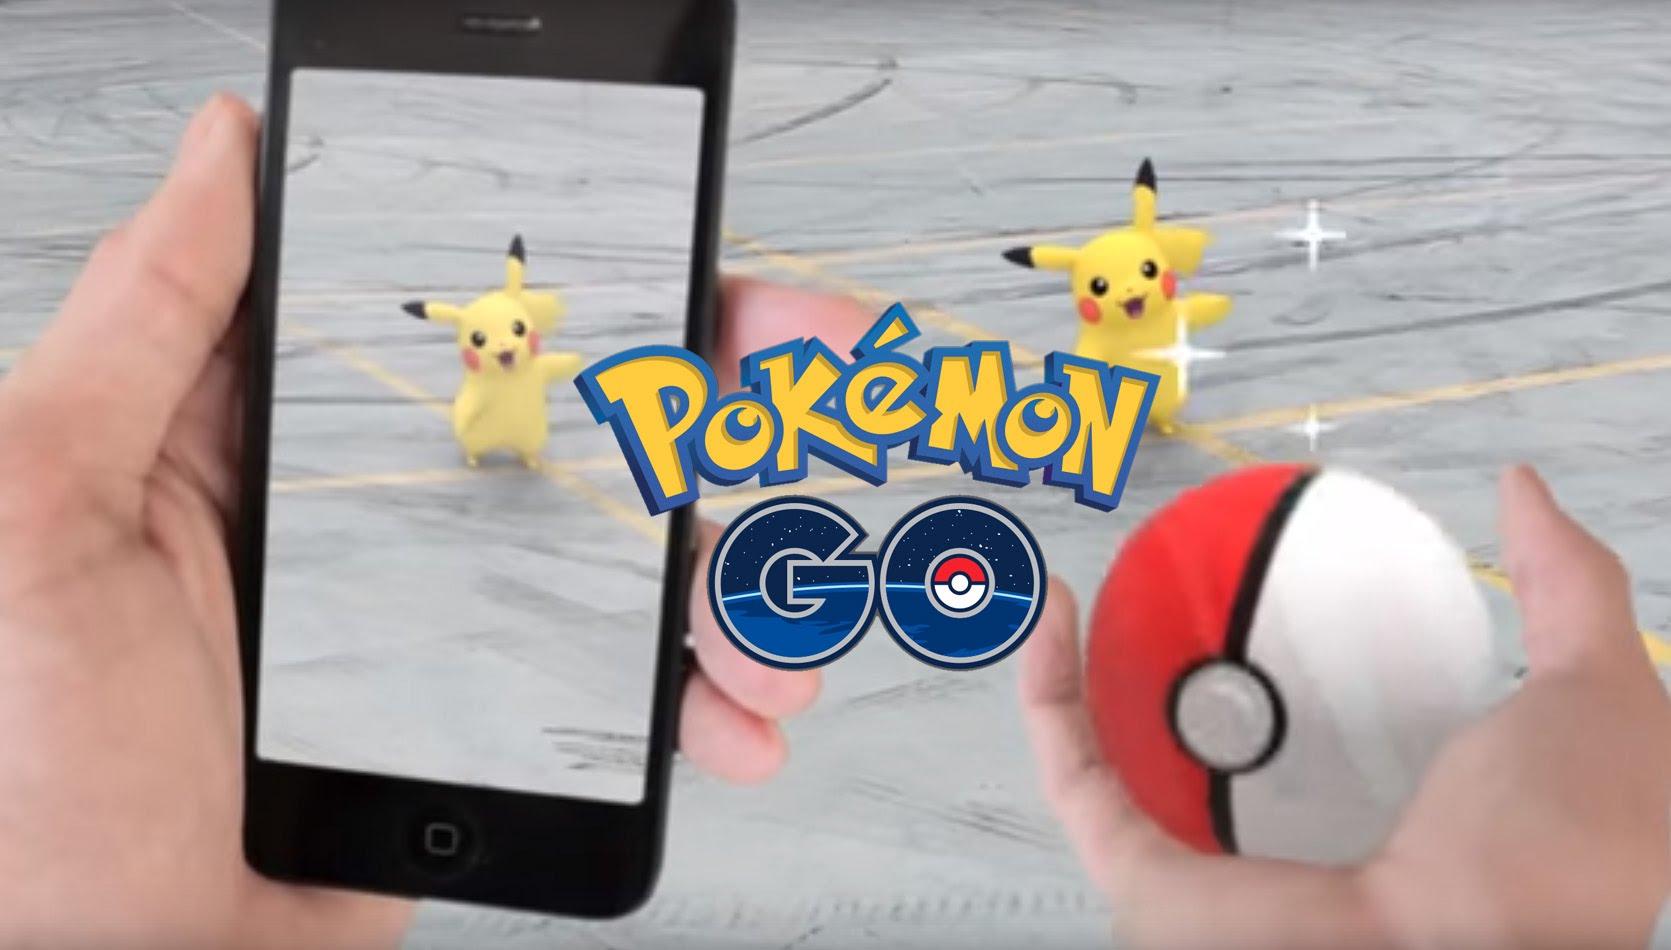 The new craze, Pokemon Go.